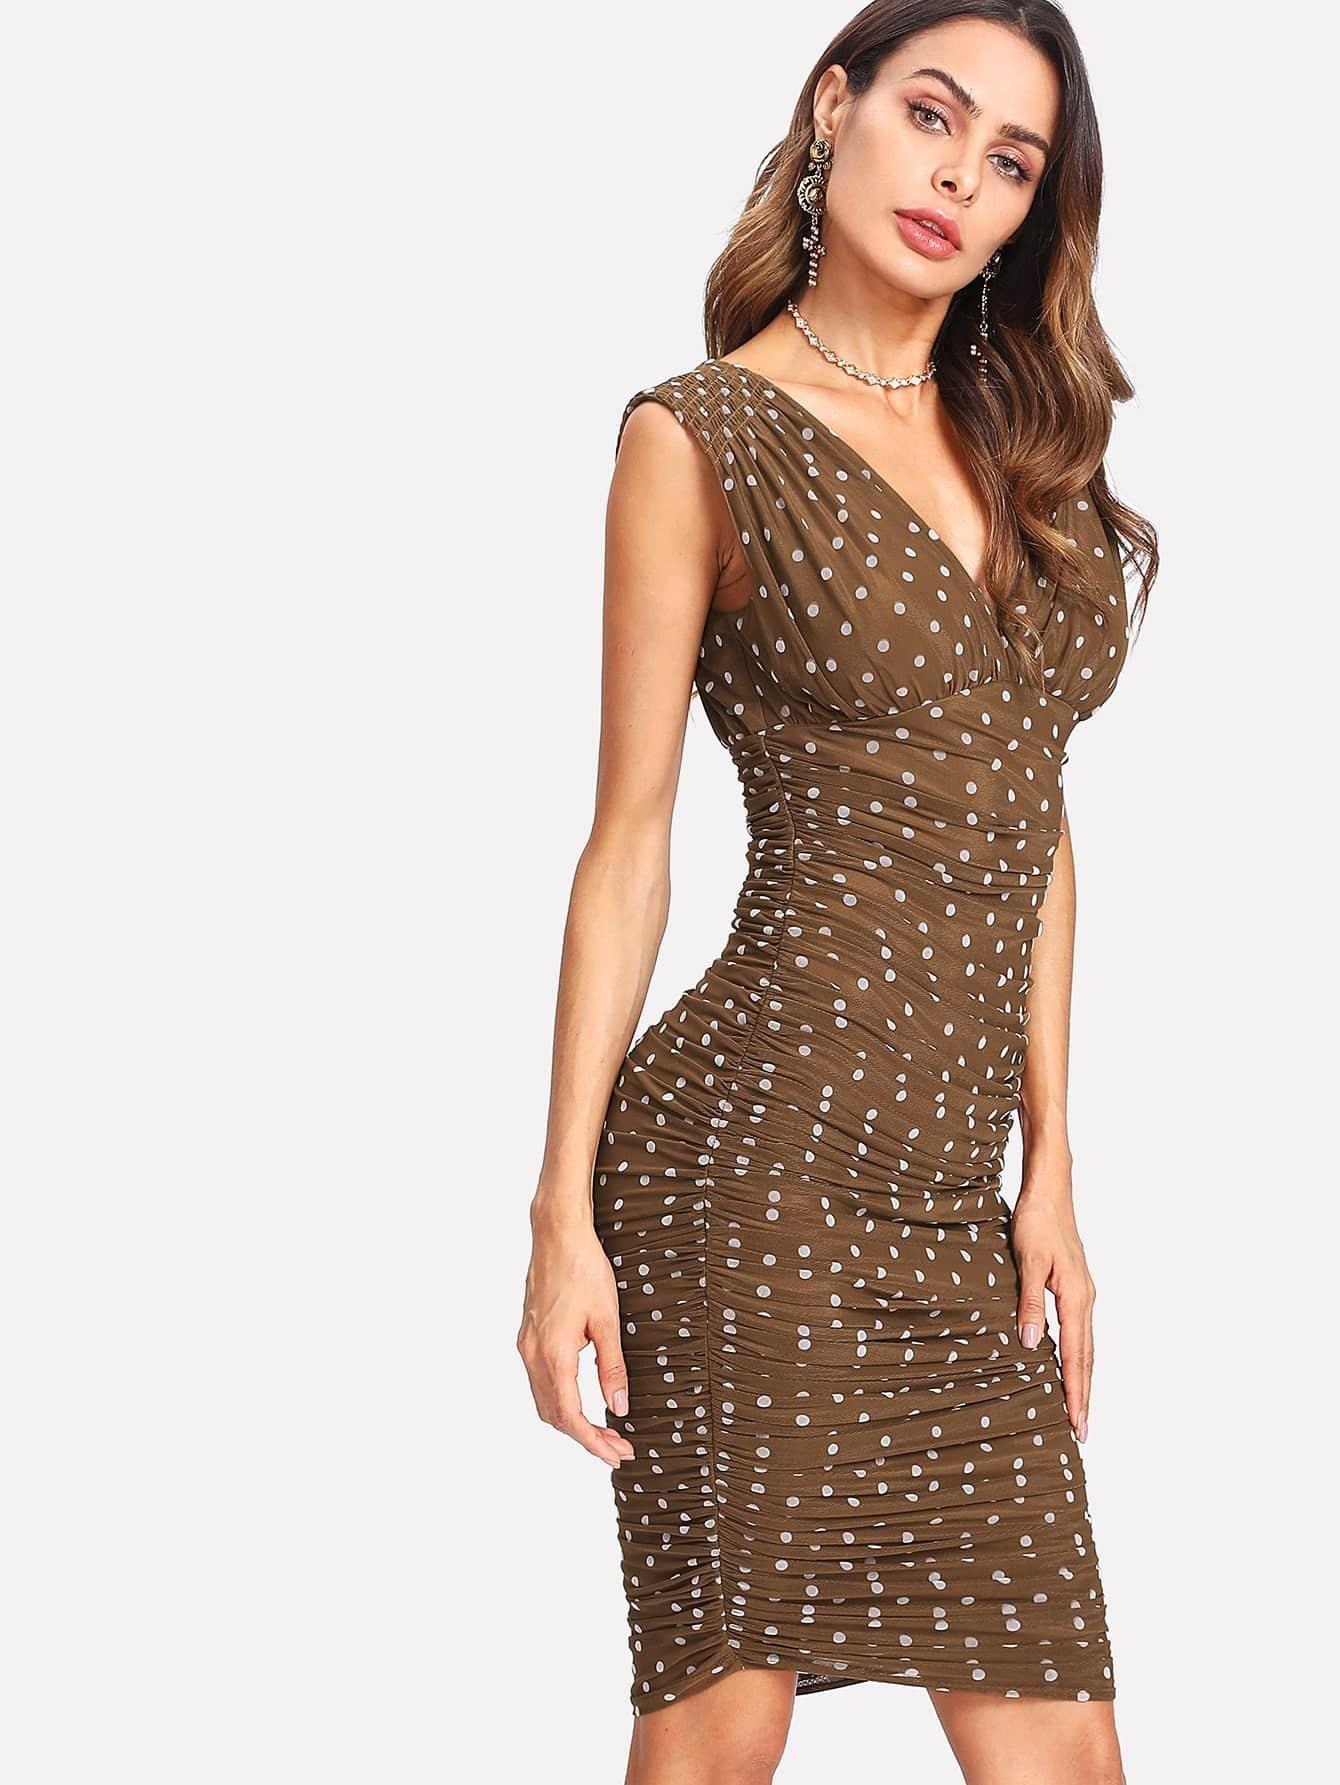 Polka Dot Deep V Neck Ruched Dress ruched polka dotted v neck jersey dress plum beige 8